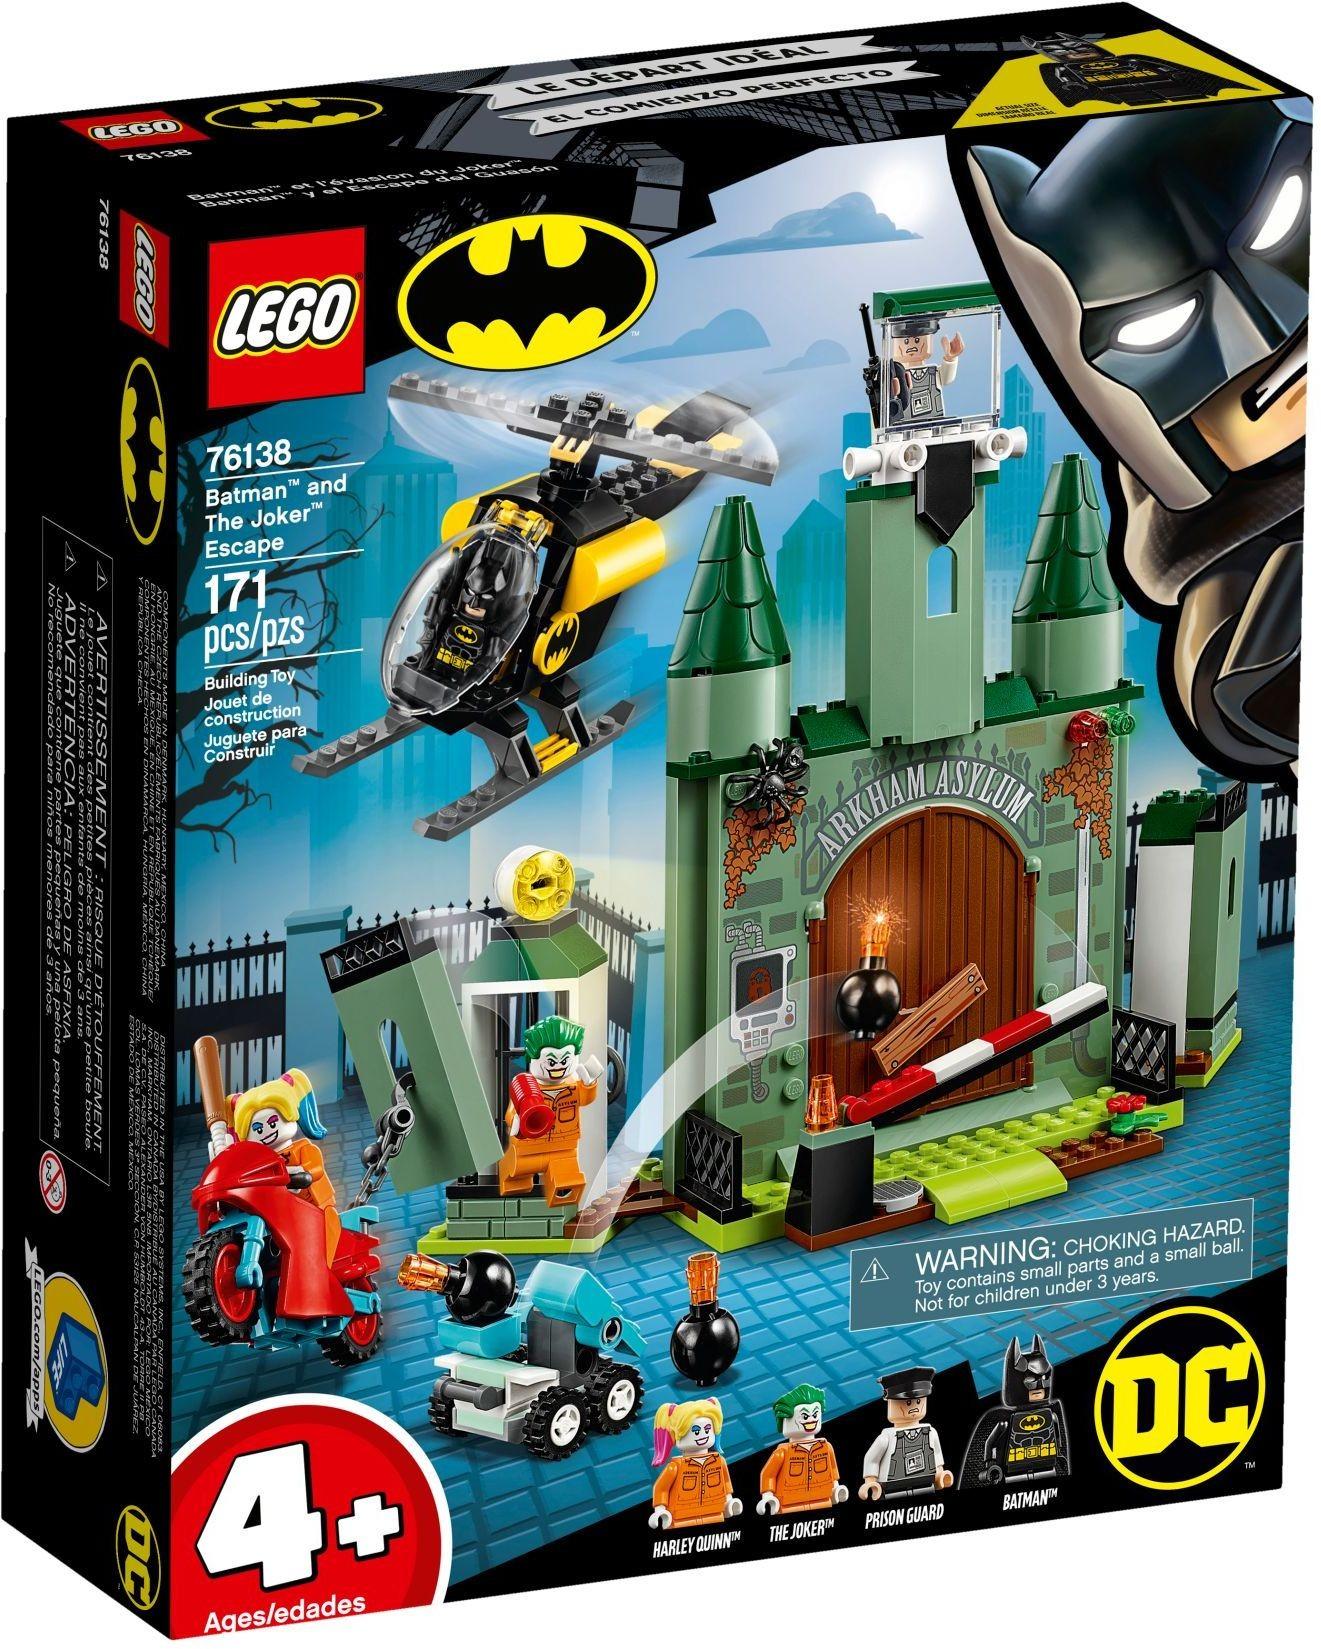 Joker And Lego The Dc Batman Heroes 76138 Escape Super vwmn0NOy8